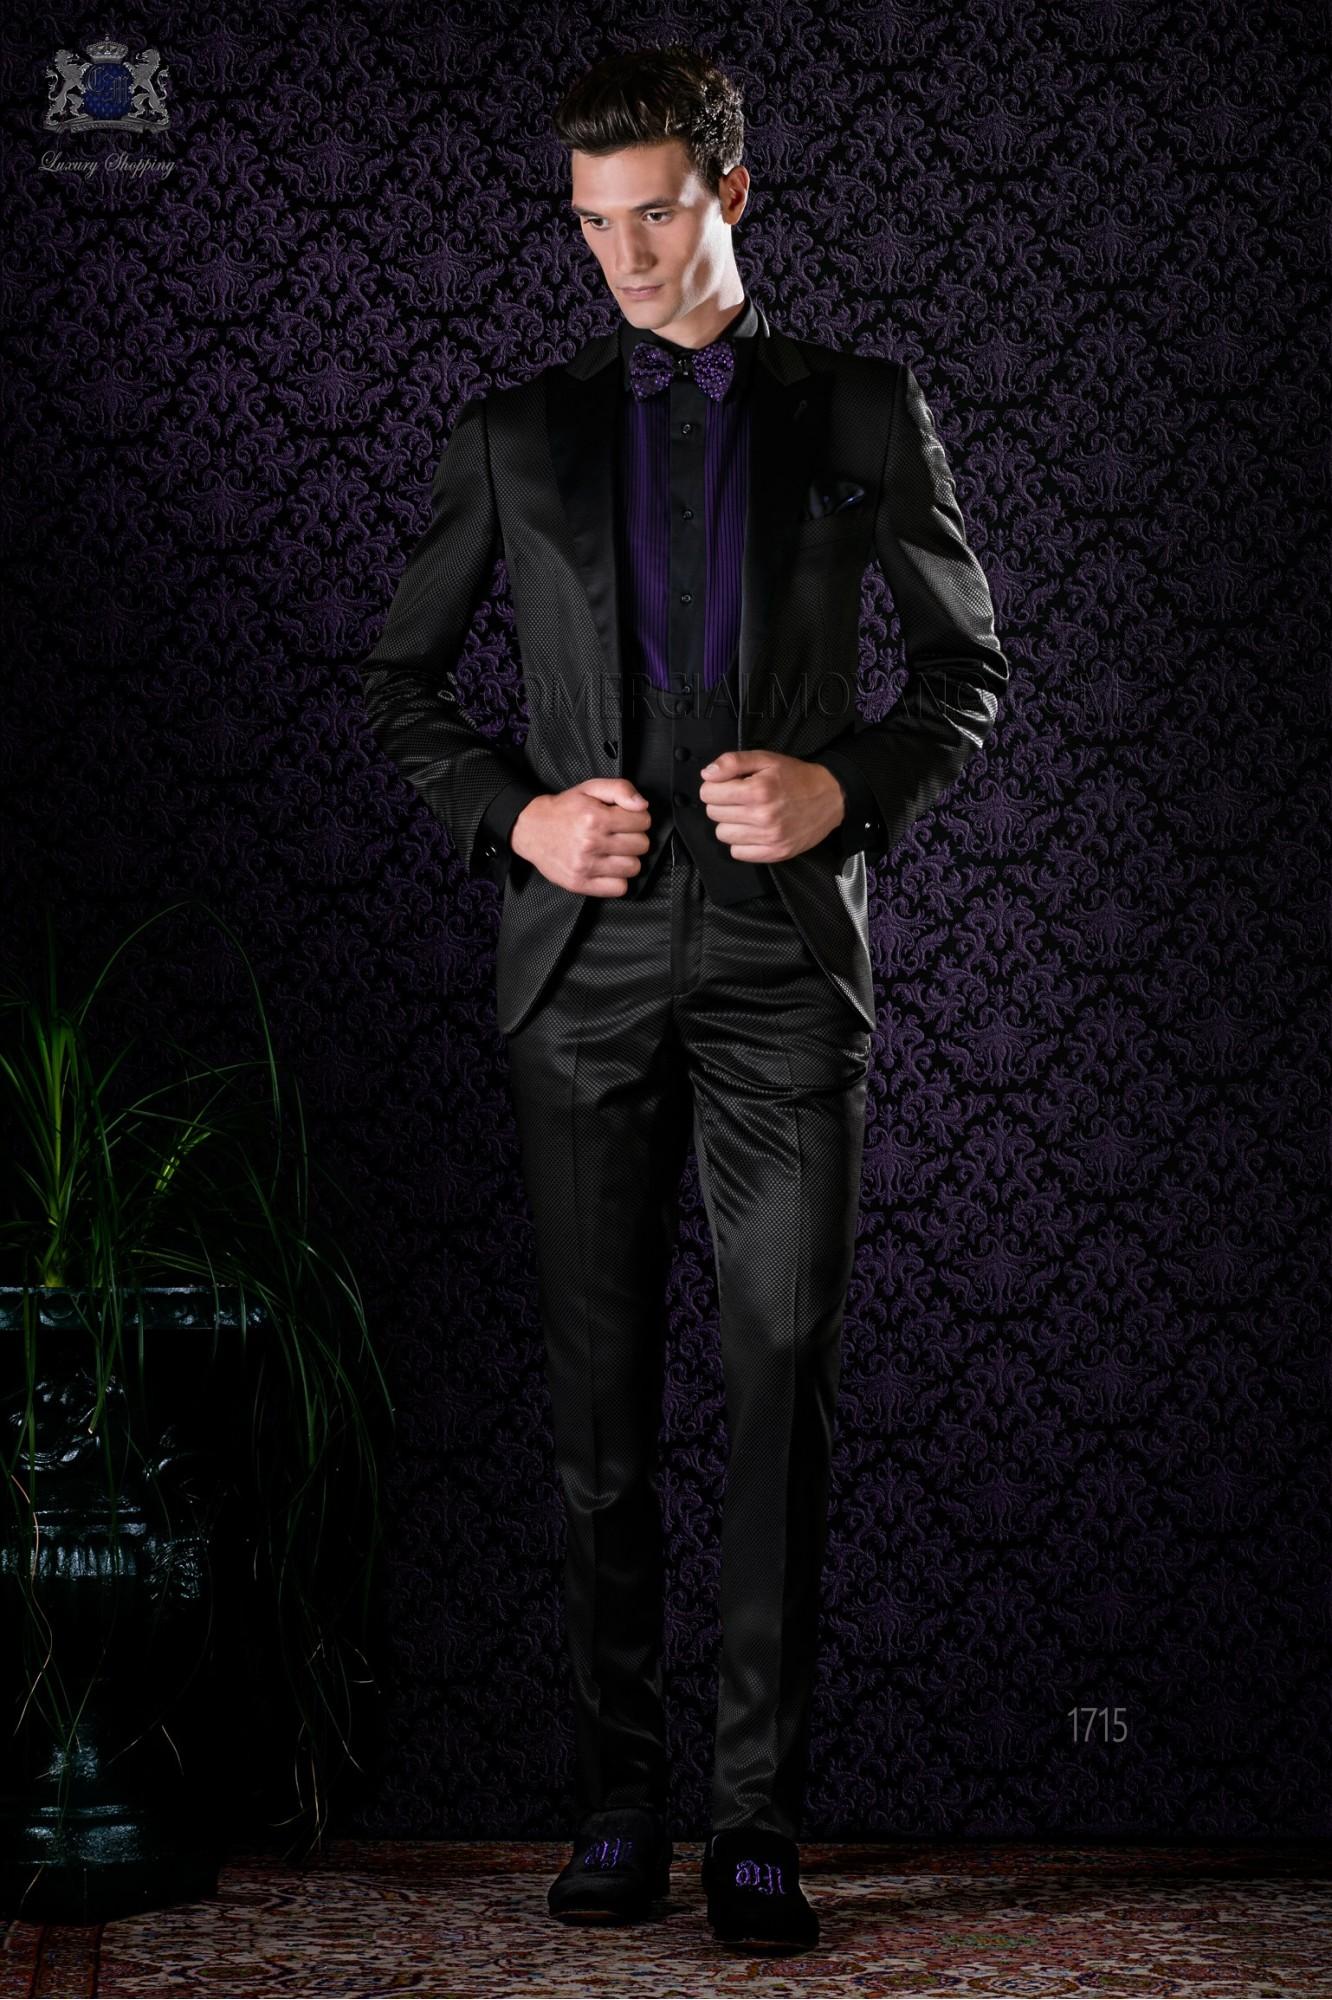 Esmoquin italiano negro con solapa punta y 1 botón de raso en tejido mixto lana modelo: 1715 Ottavio Nuccio Gala colección Black Tie